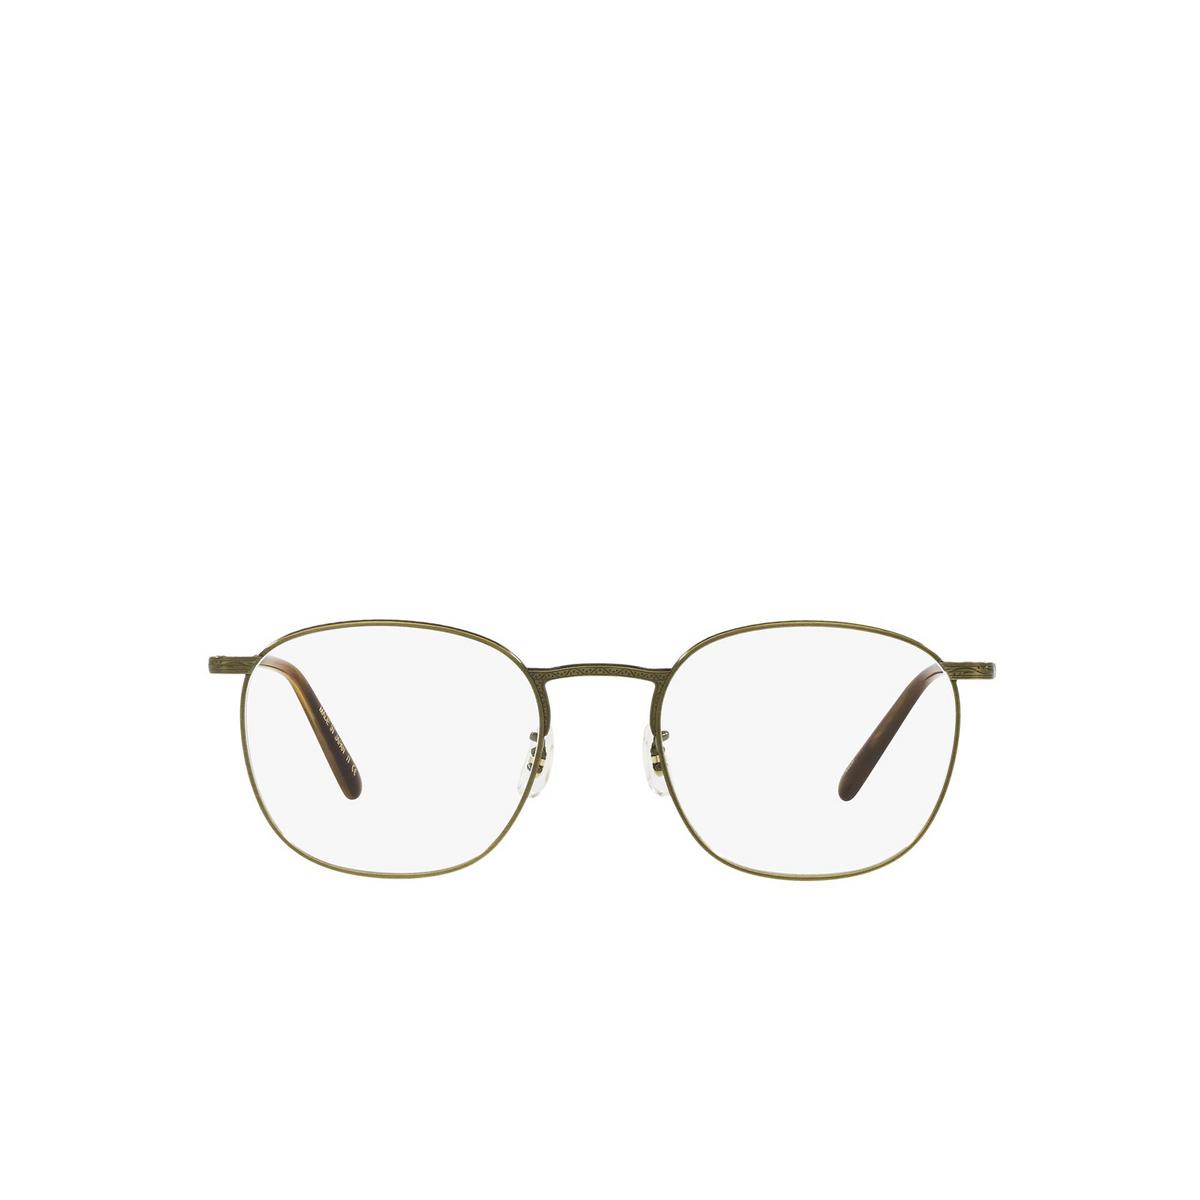 Oliver Peoples® Square Eyeglasses: Goldsen OV1285T color Antique Gold 5284 - front view.